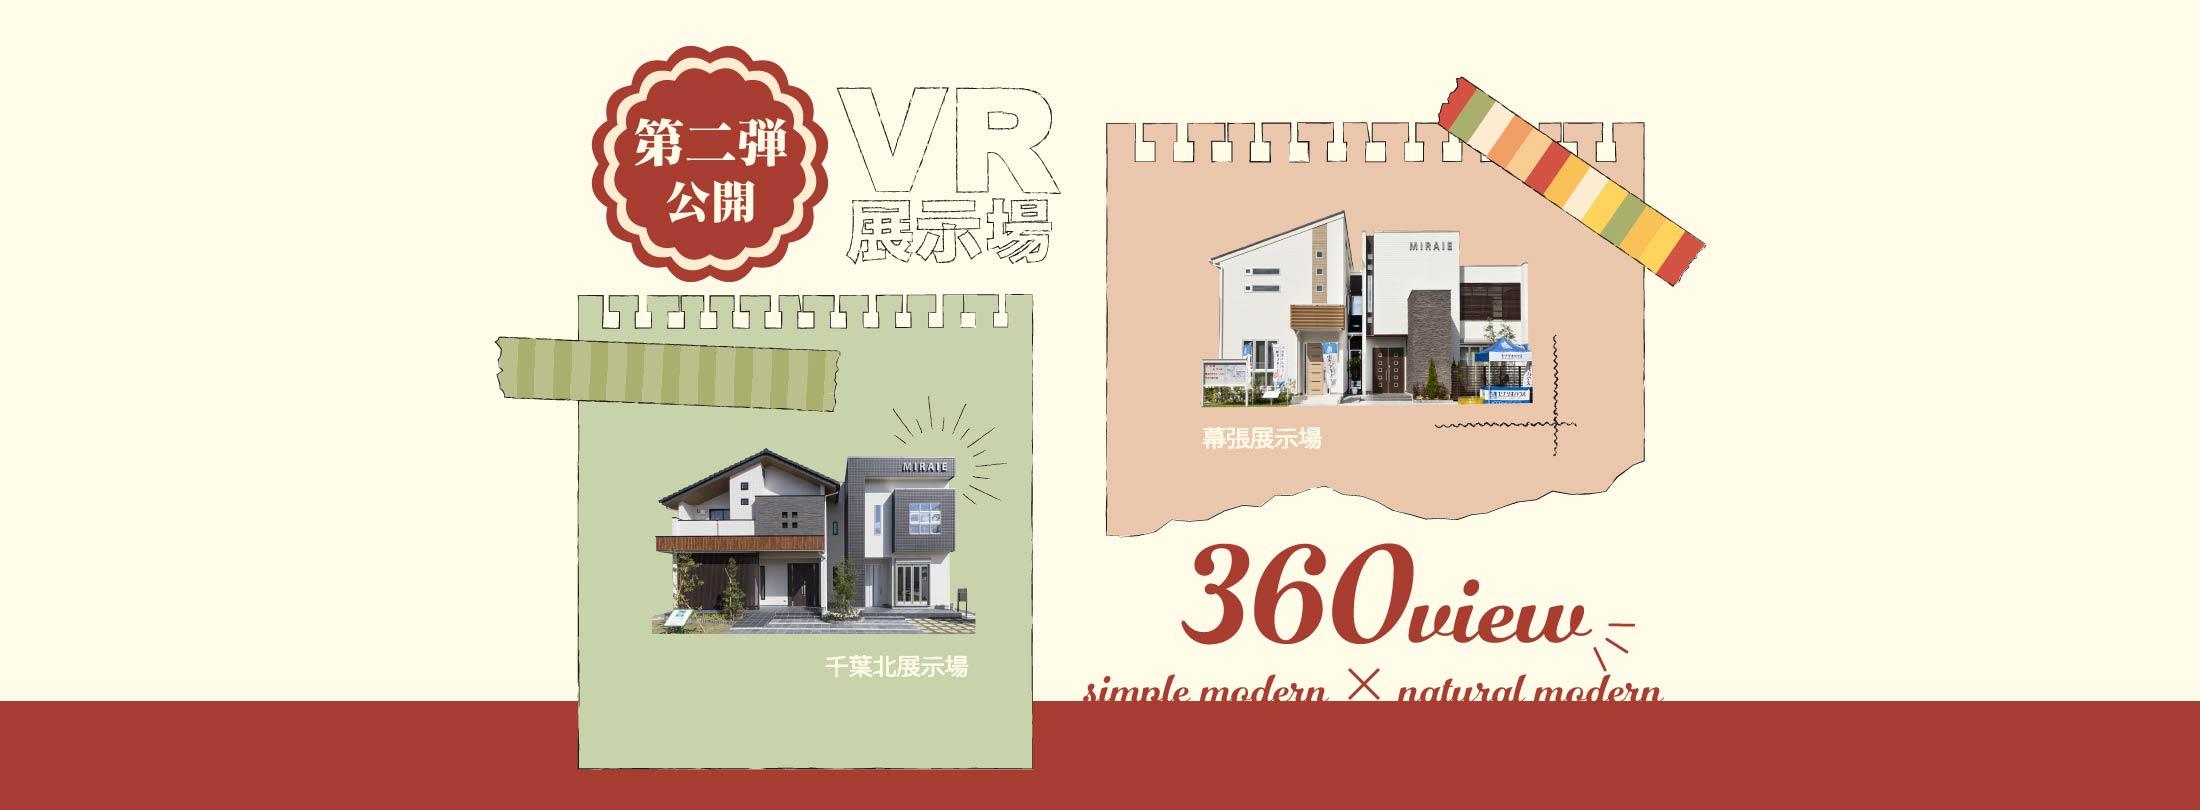 千葉 注文住宅 分譲住宅 VR展示場 VRモデルハウス